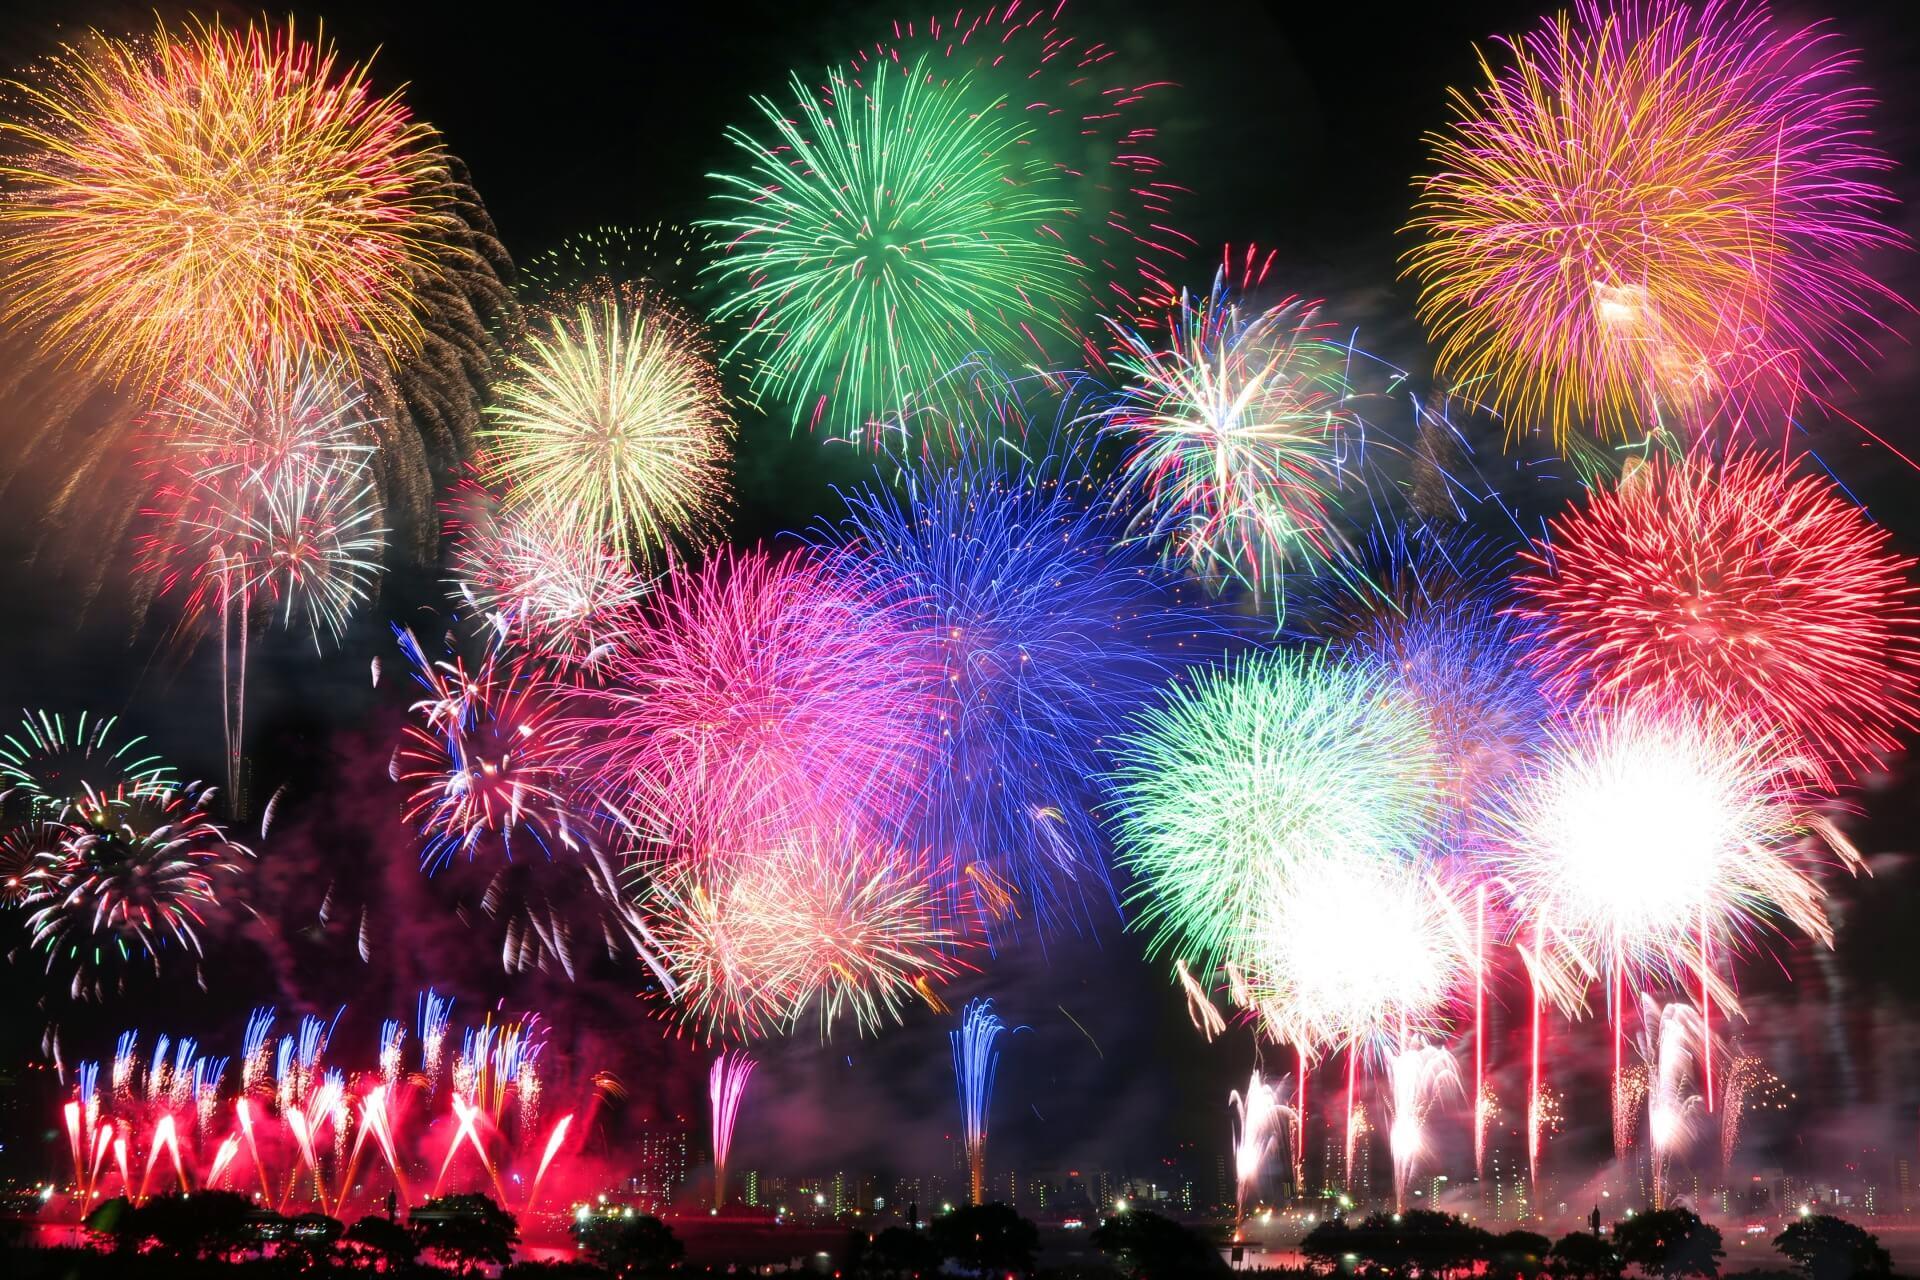 夜空を彩る「 花火大会 」まとめ 【2017年石川・金沢 版】